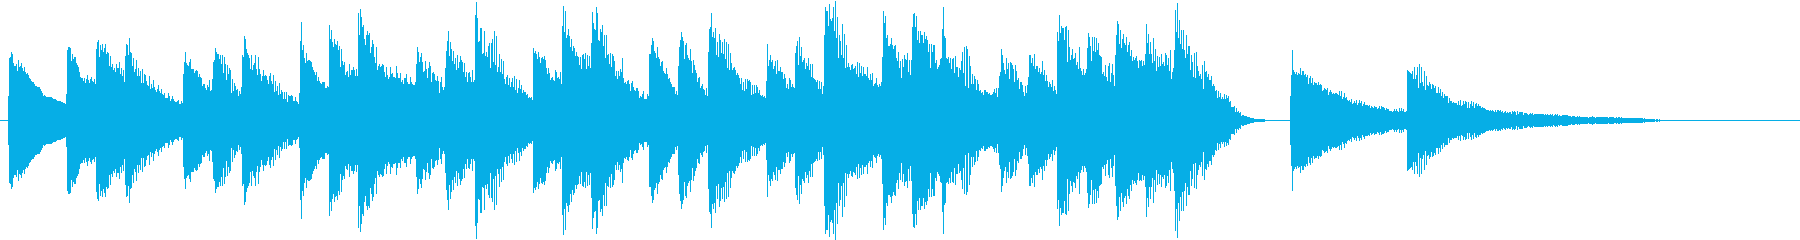 四季より「冬」モチーフのピアノジングルAの再生済みの波形